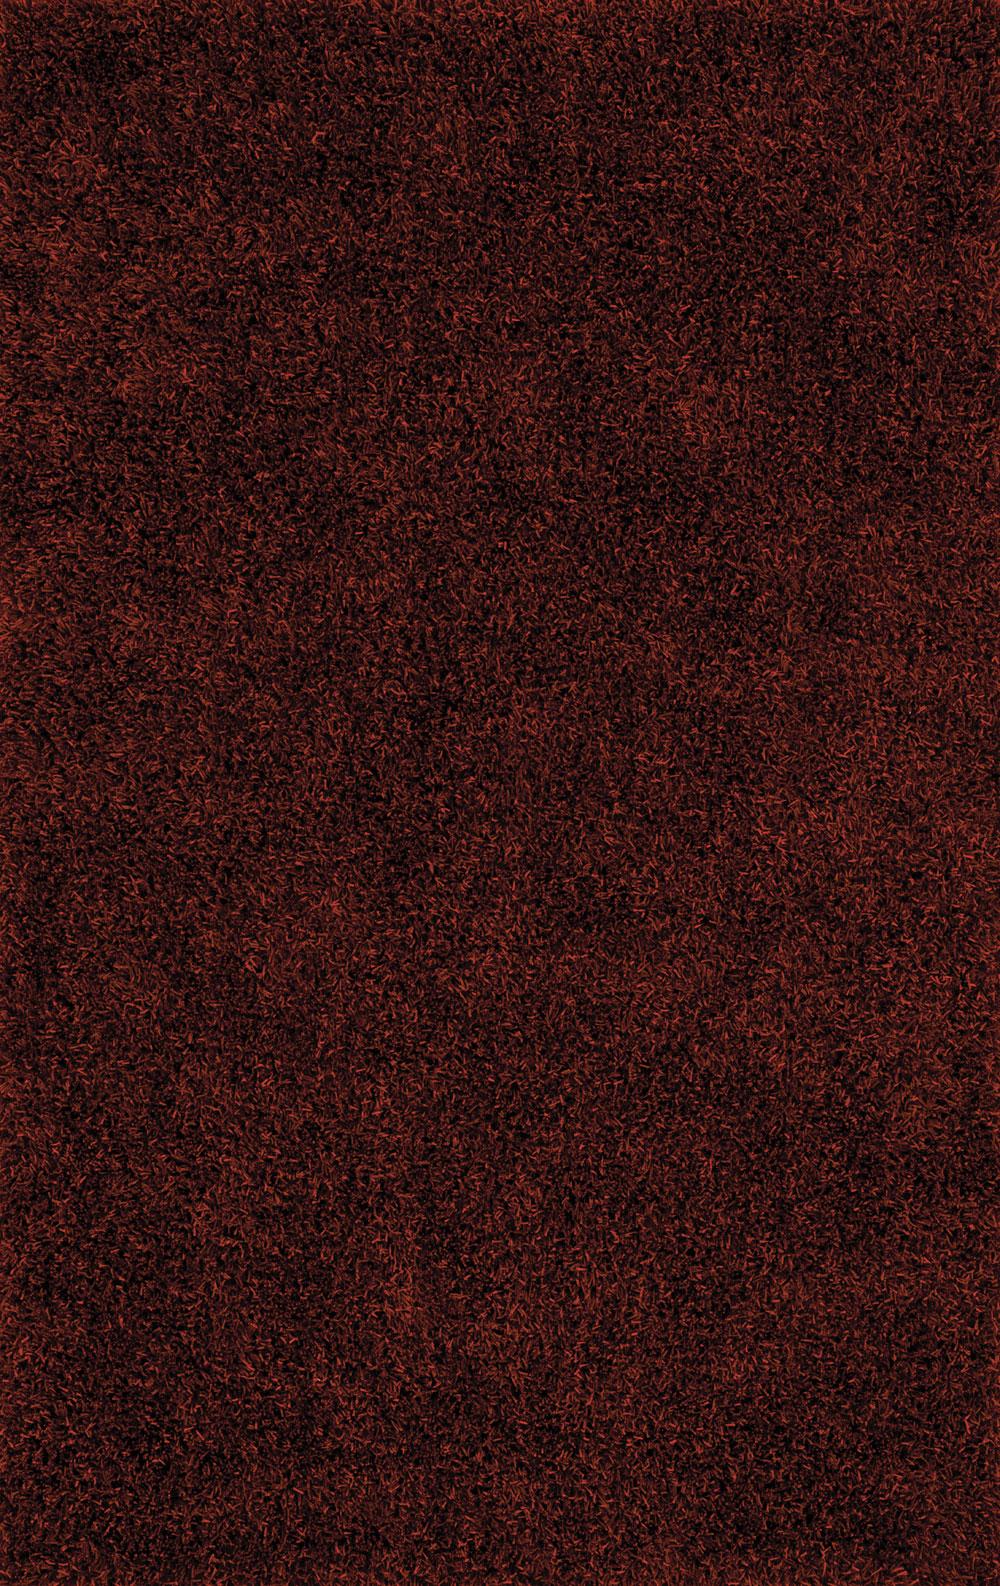 Dalyn Illusions IL69 Paprika Rug